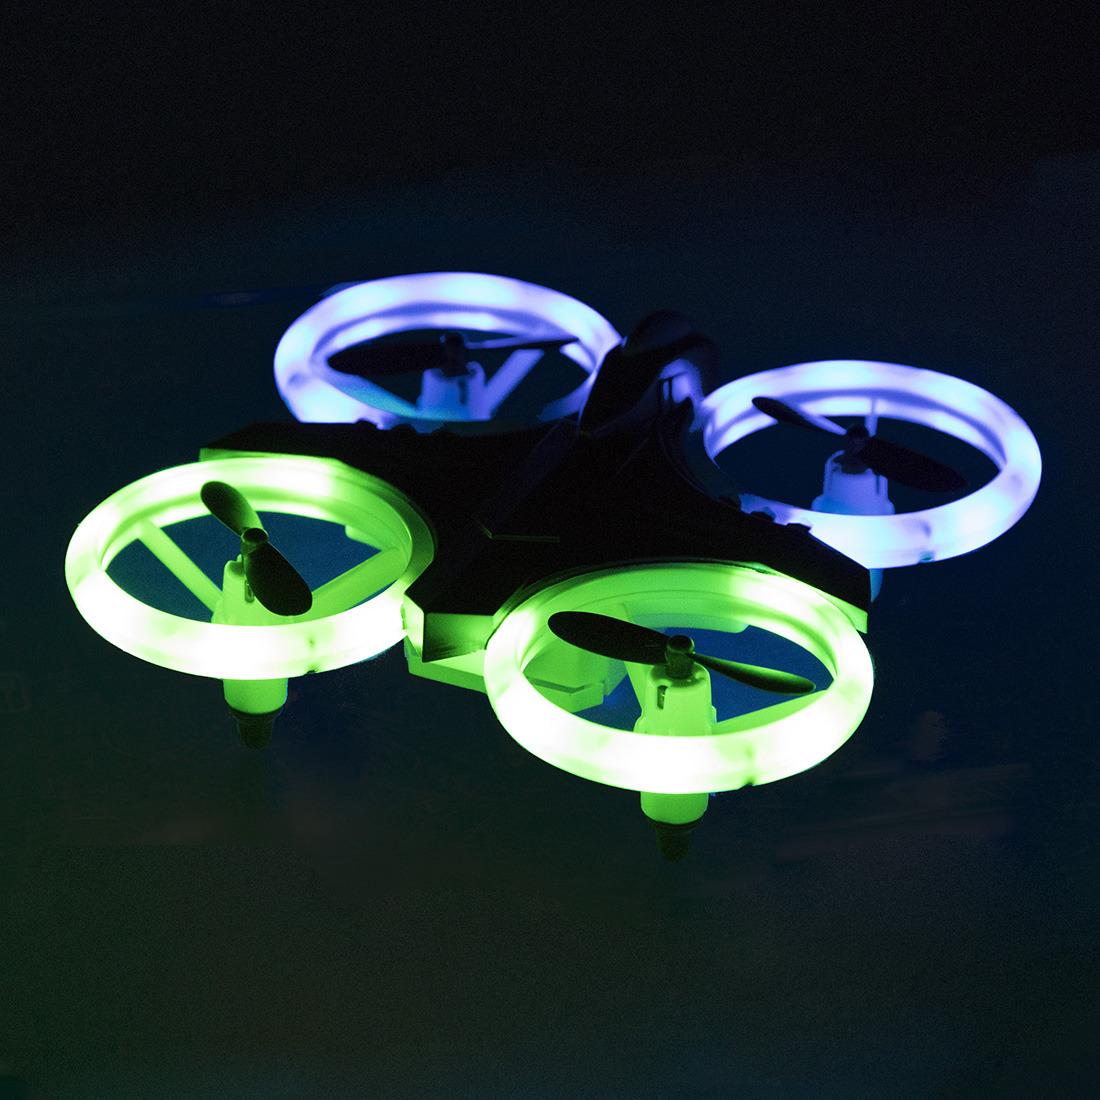 Квадрокоптер радиоуправляемый От винта! Night Drone, 870349, черный От винта!